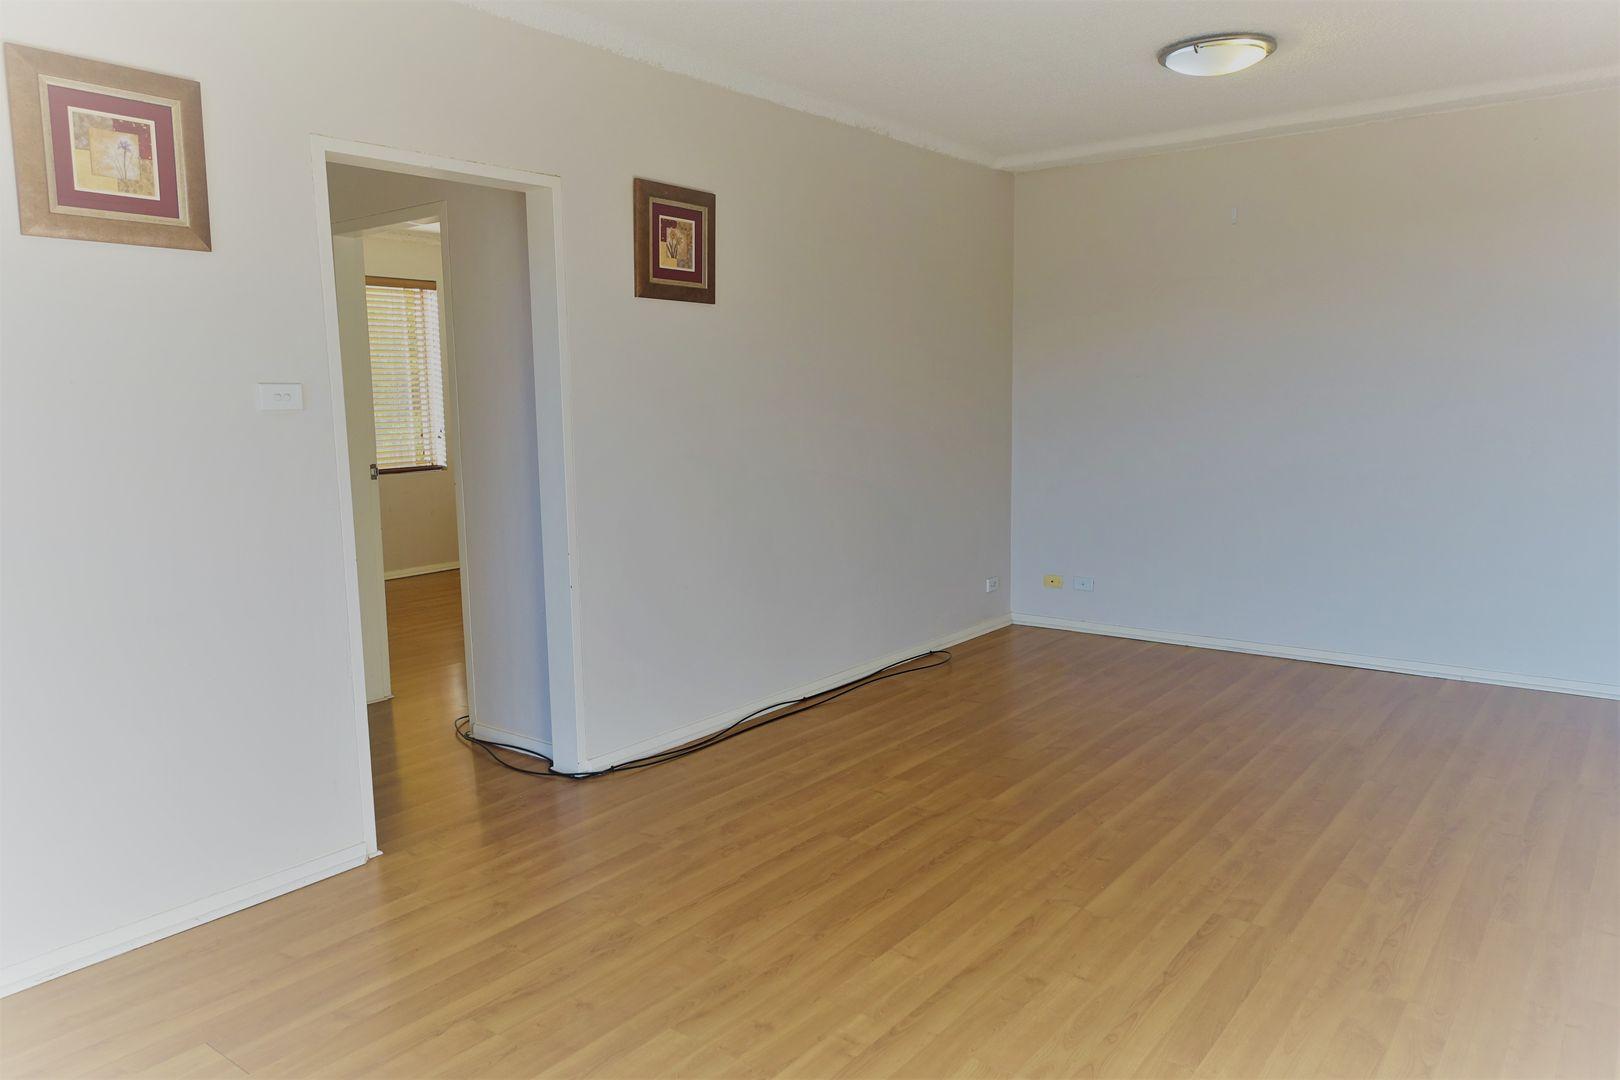 18/103 Homer  Street, Earlwood NSW 2206, Image 2